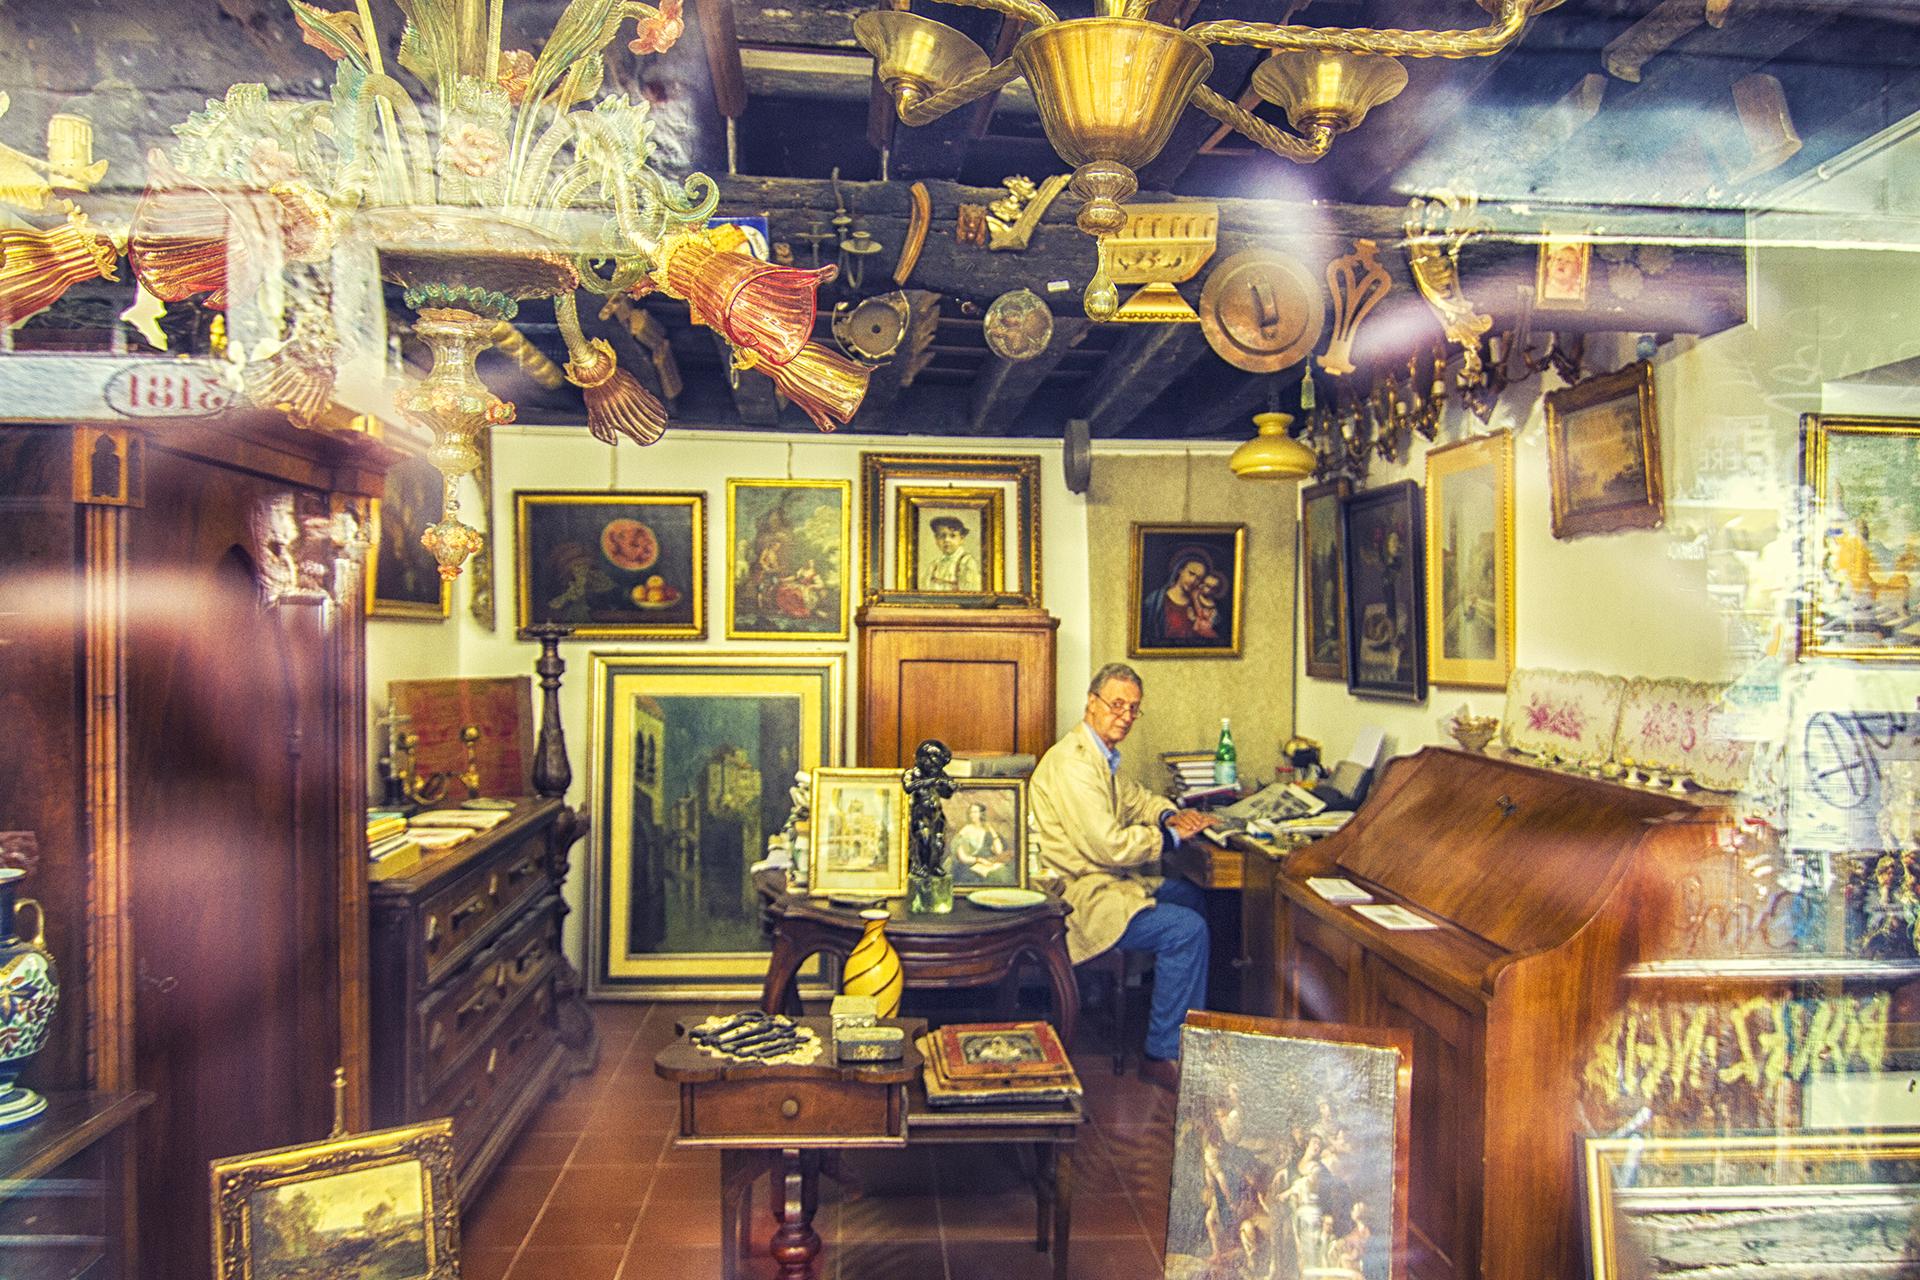 Peak into an artist shop